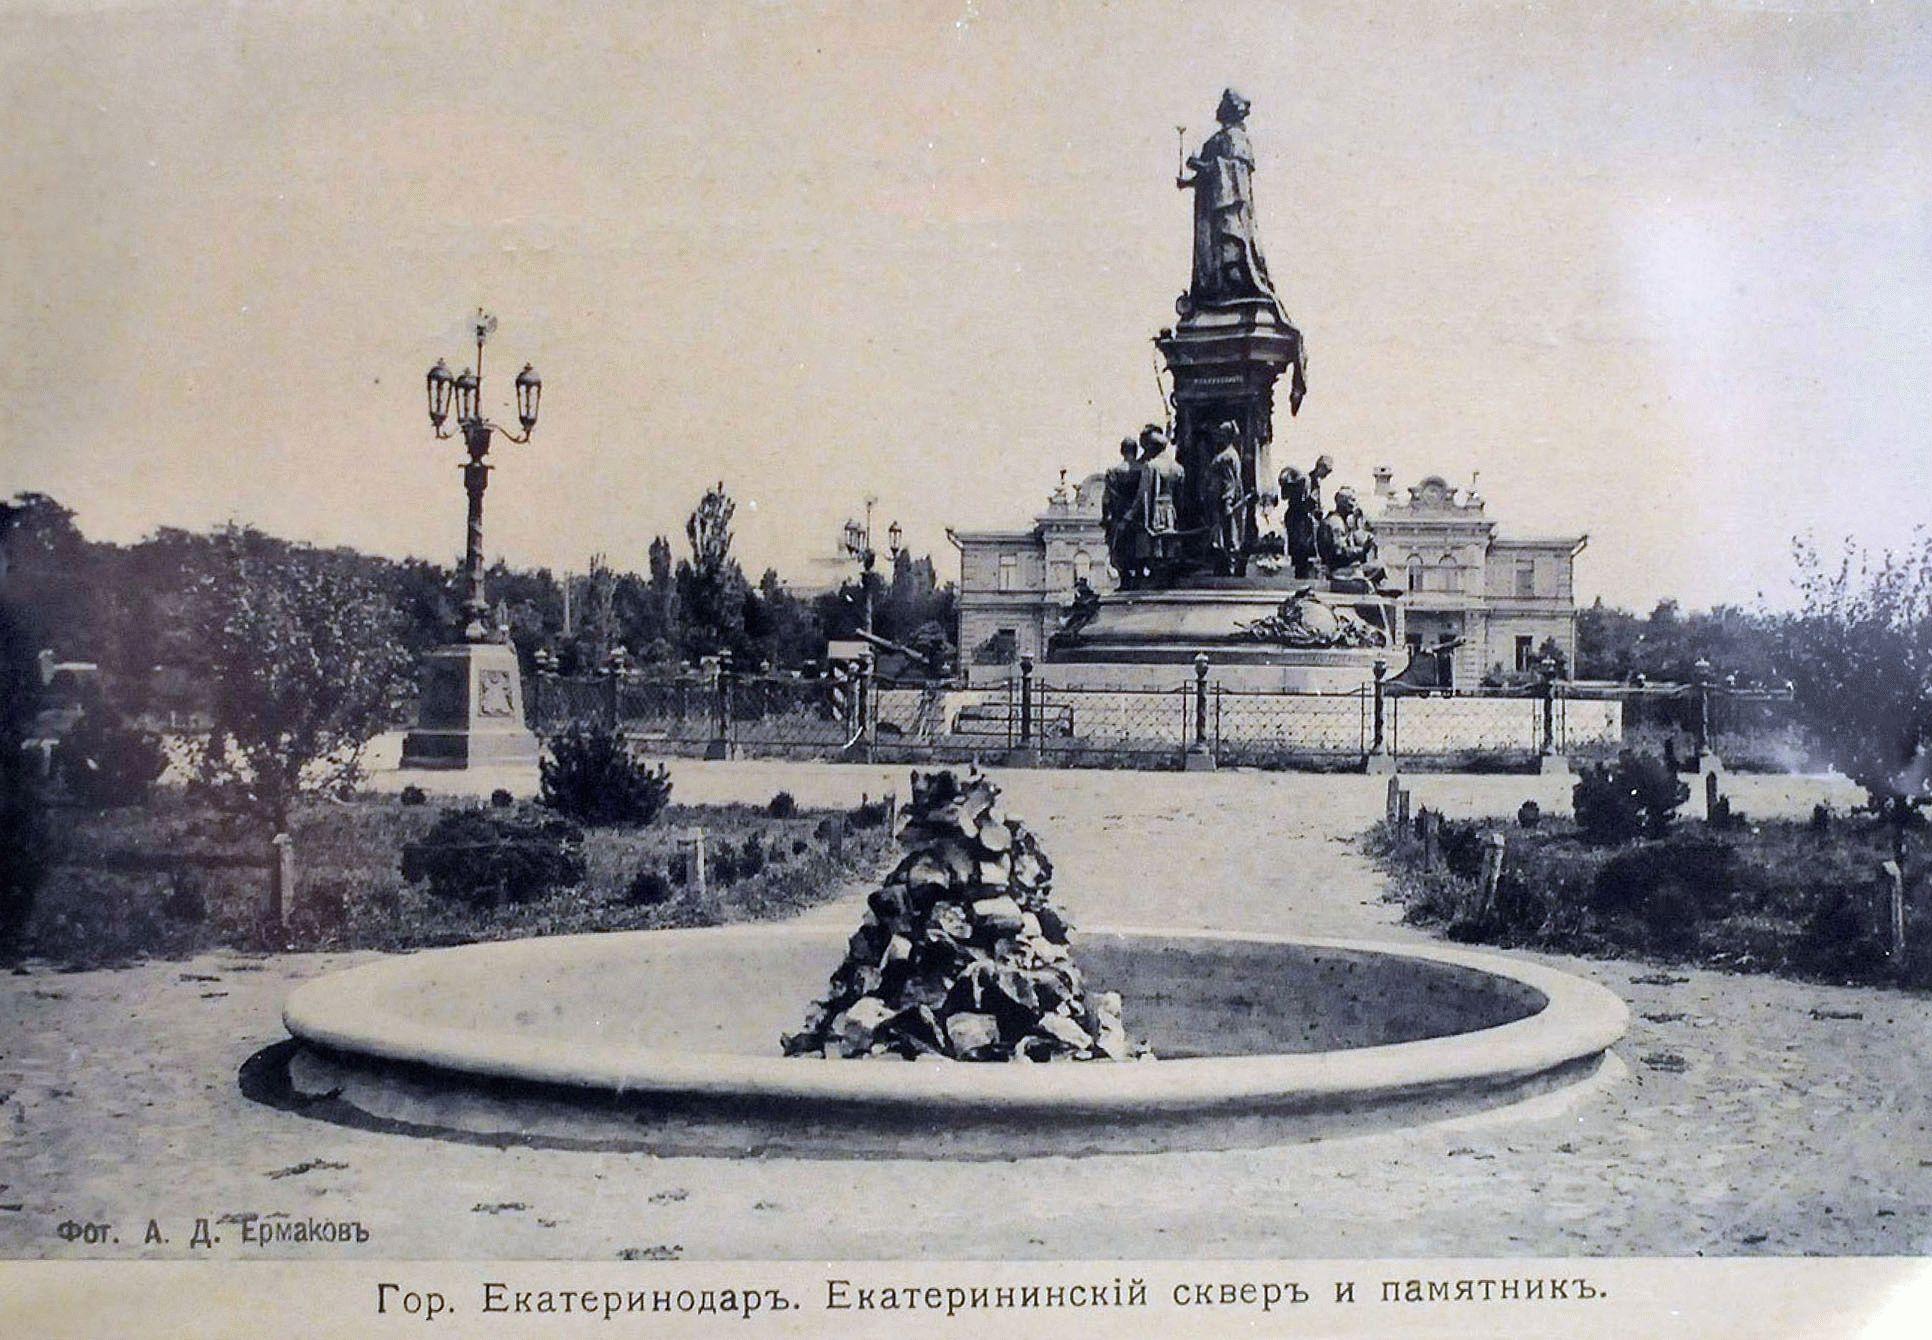 Екатерининский сквер и памятник